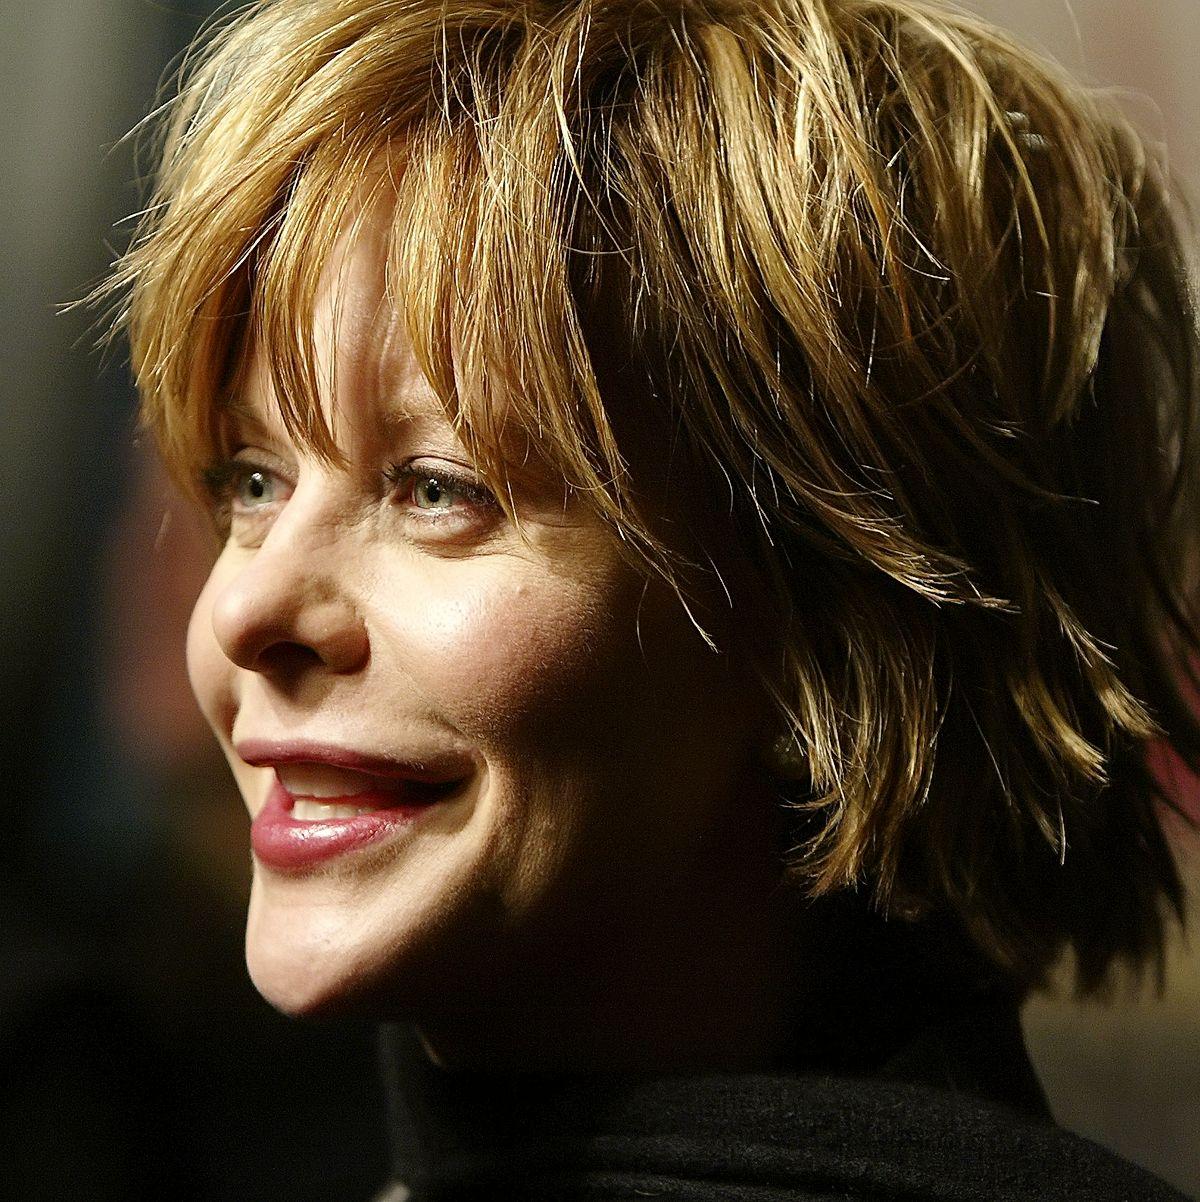 Мег Райан на премьере фильма «Наперекор судьбе» в Лос-Анджелесе, 11 февраля 2004 г.